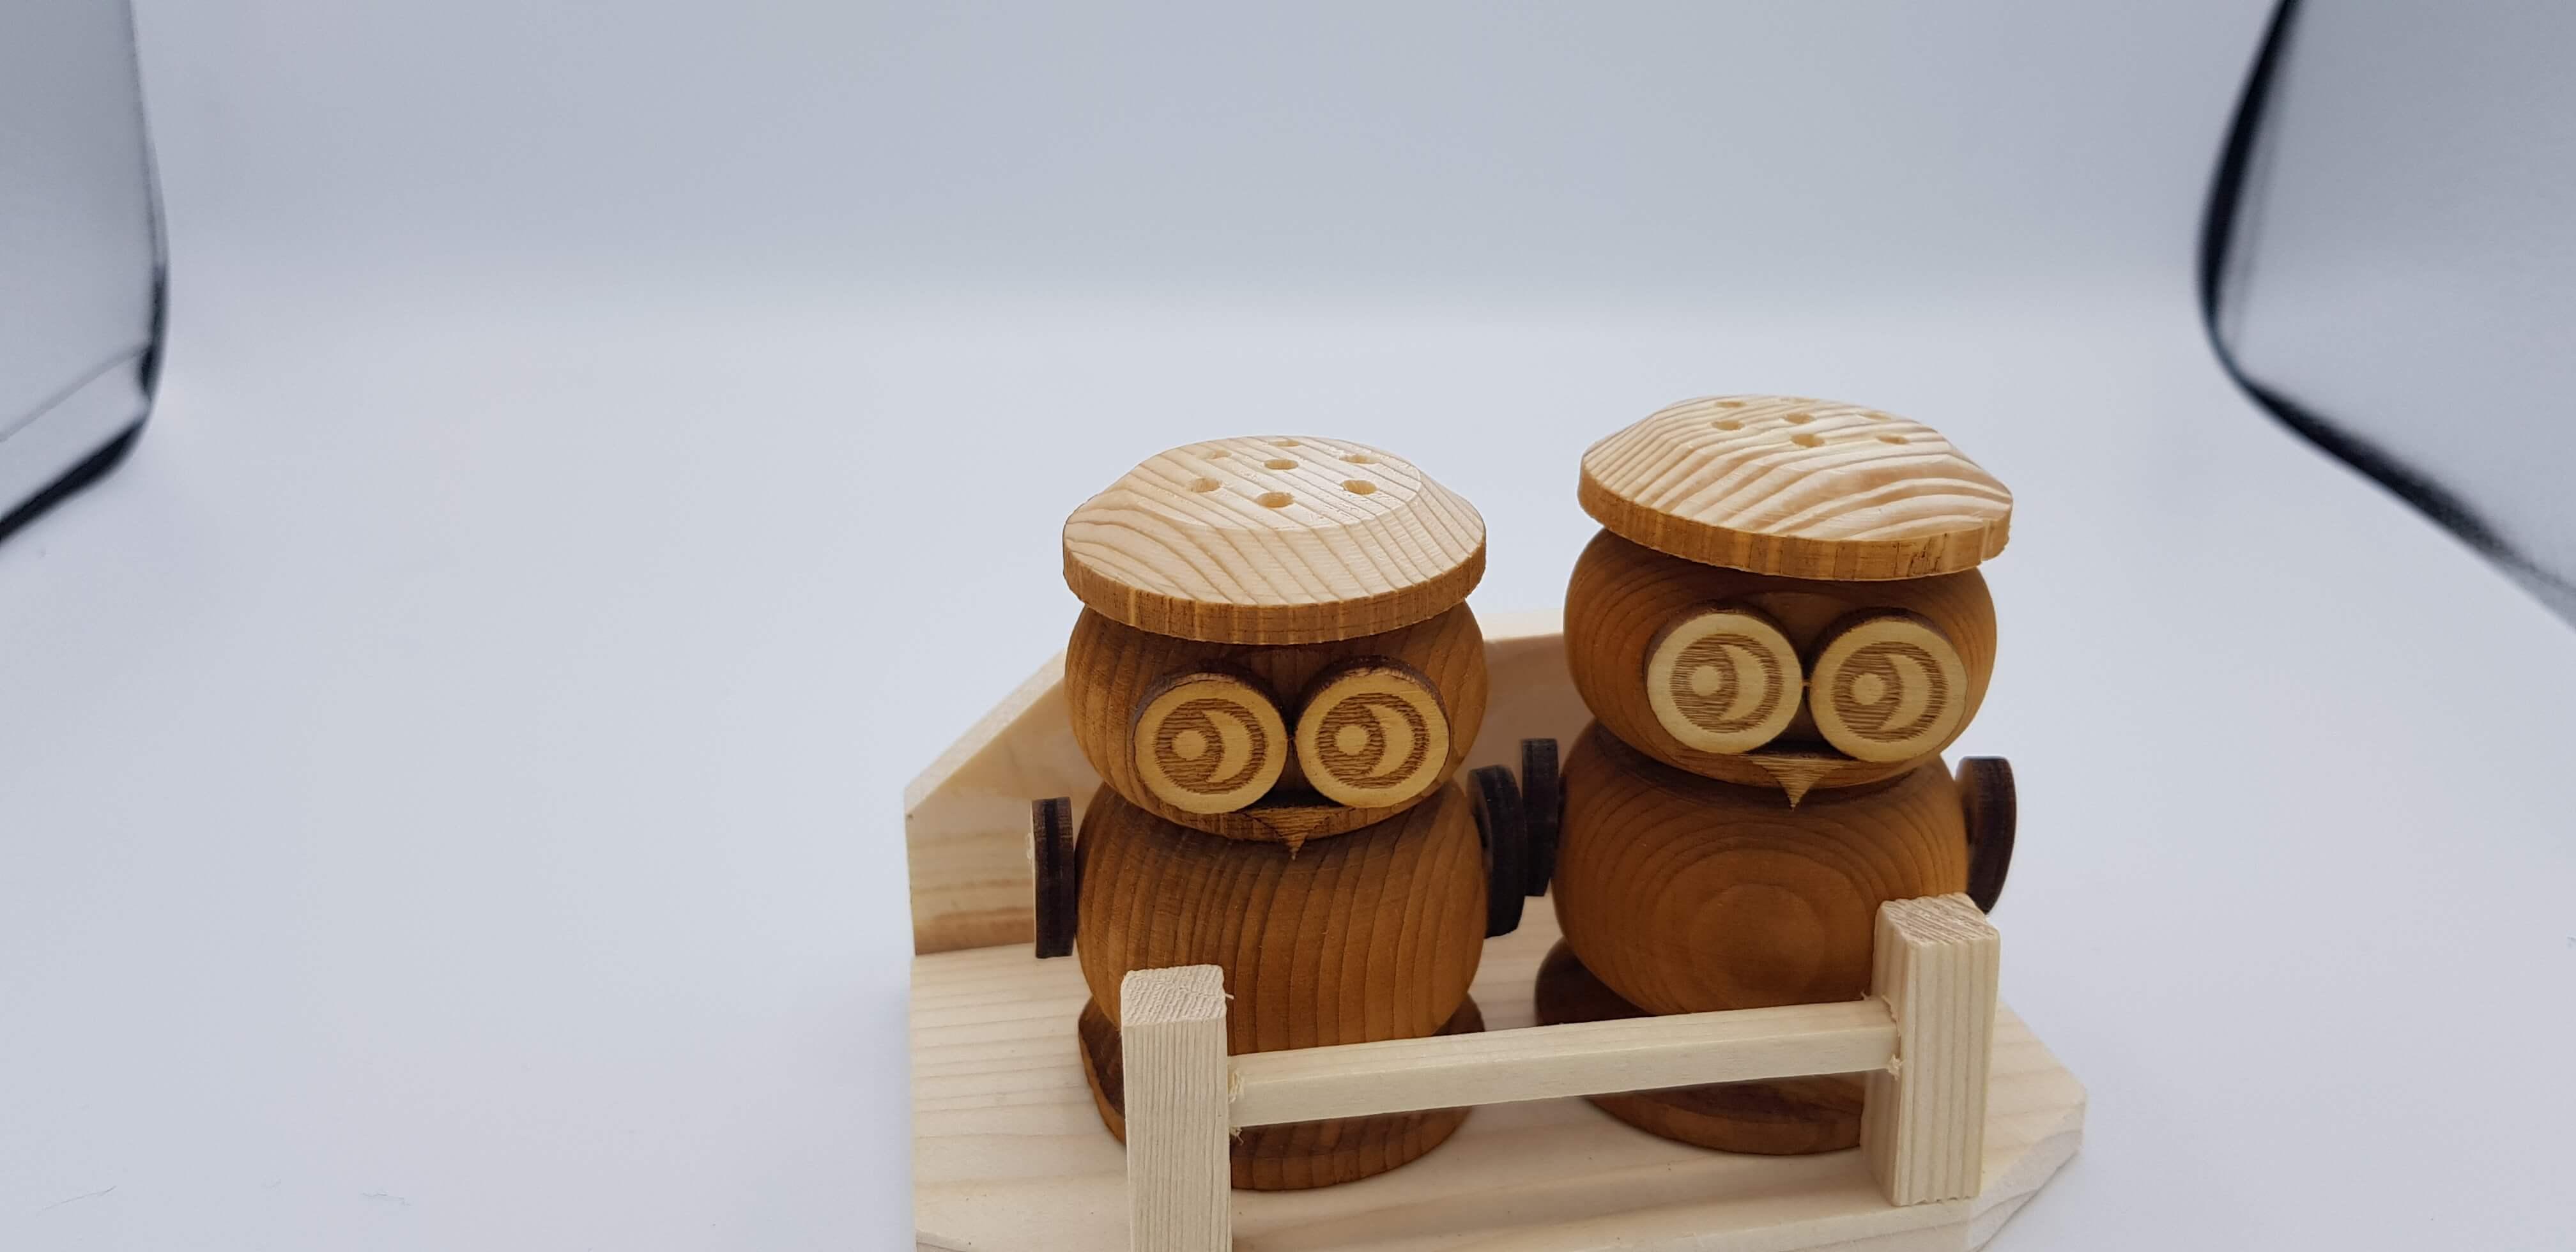 Solnita din lemn [1]